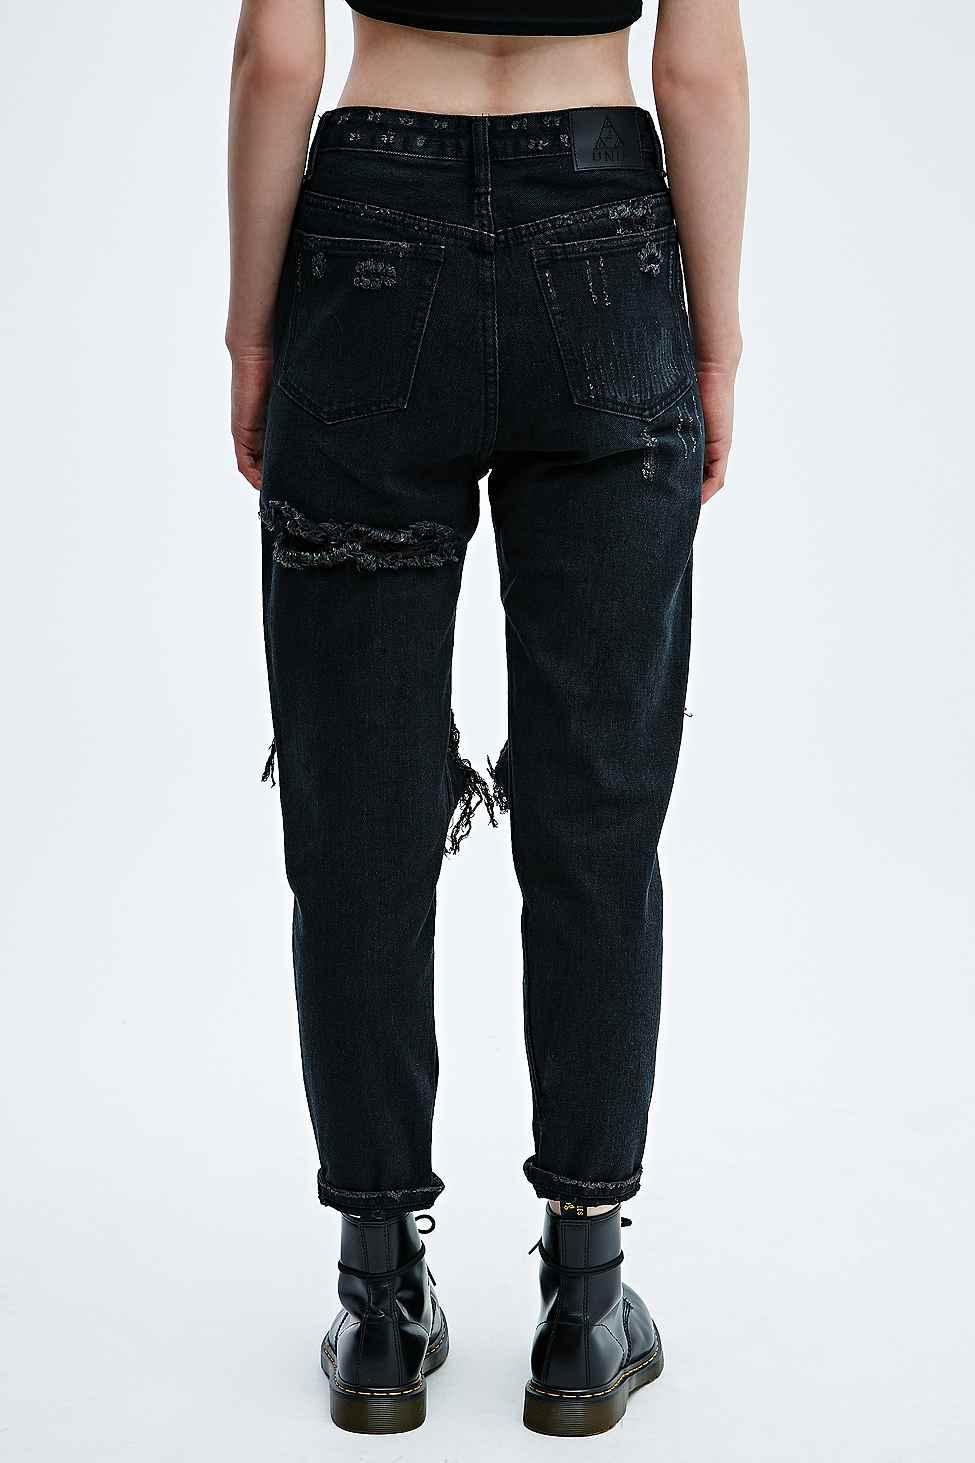 Unif Twerk Jeans In Black in Black - Lyst